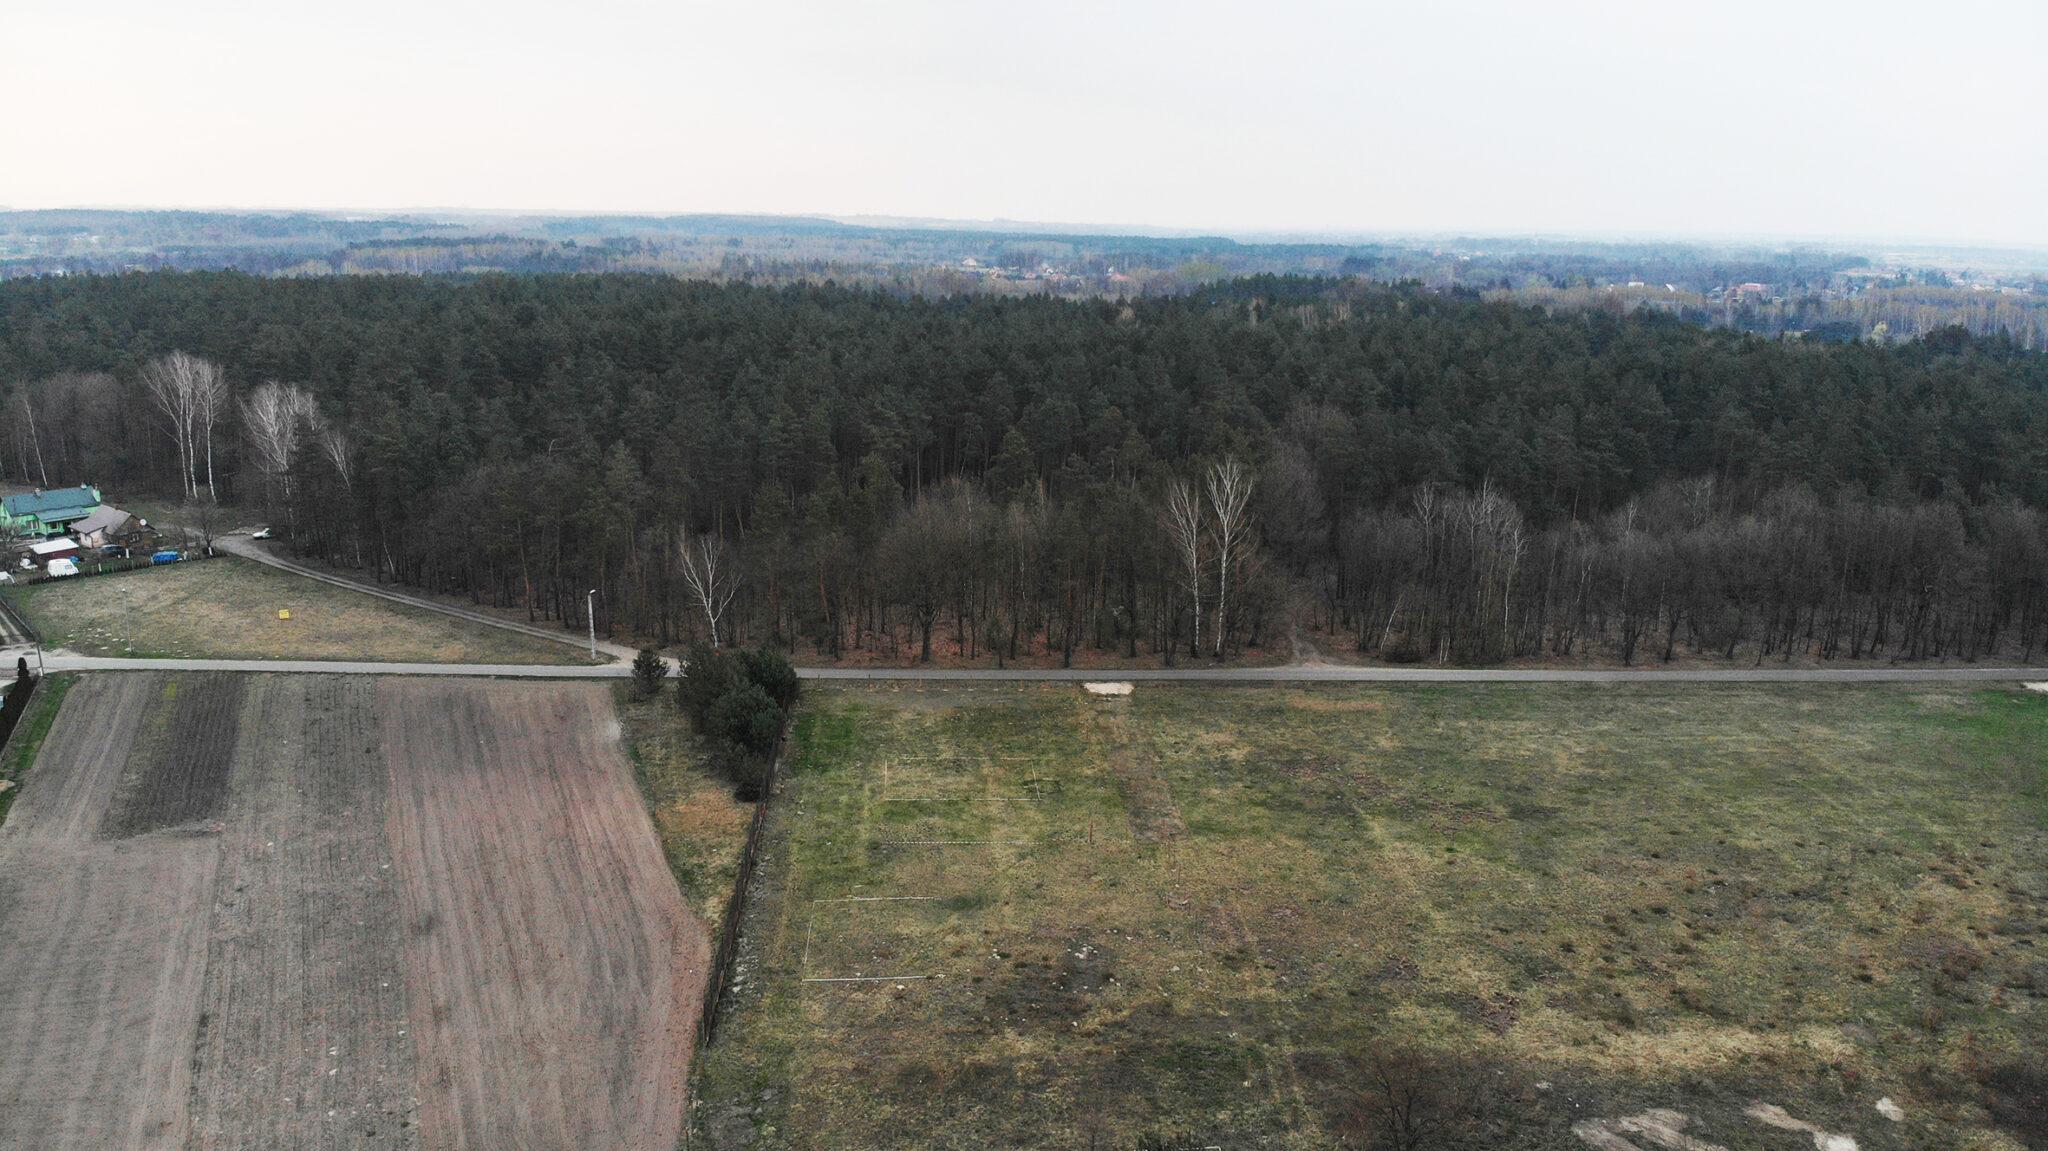 Działka budowlana, 23 ar, Głowaczowa